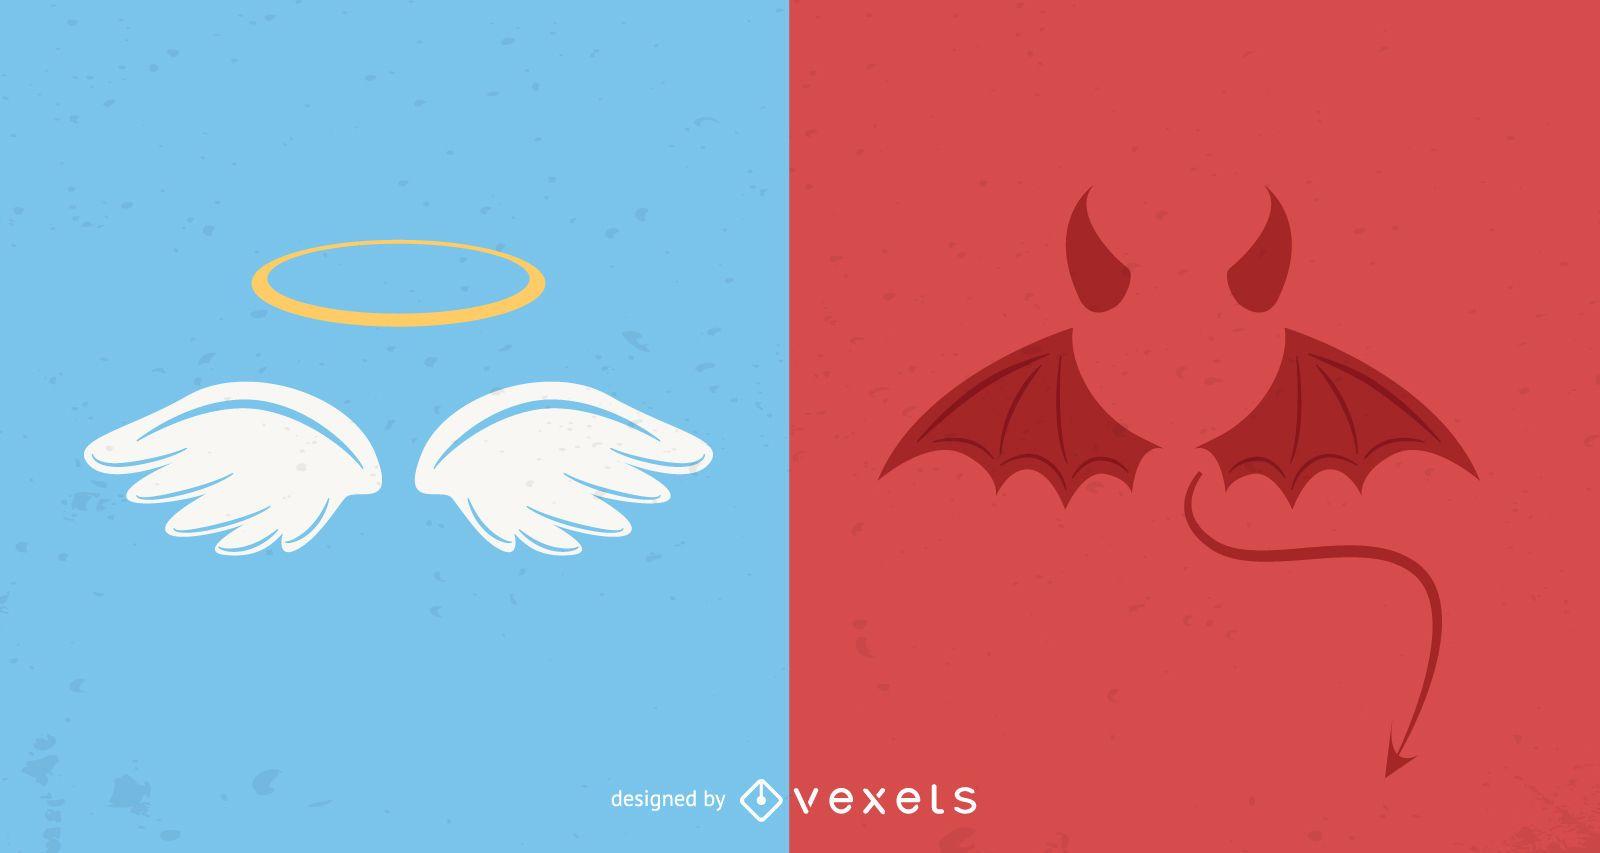 Iconos de ángel y diablo